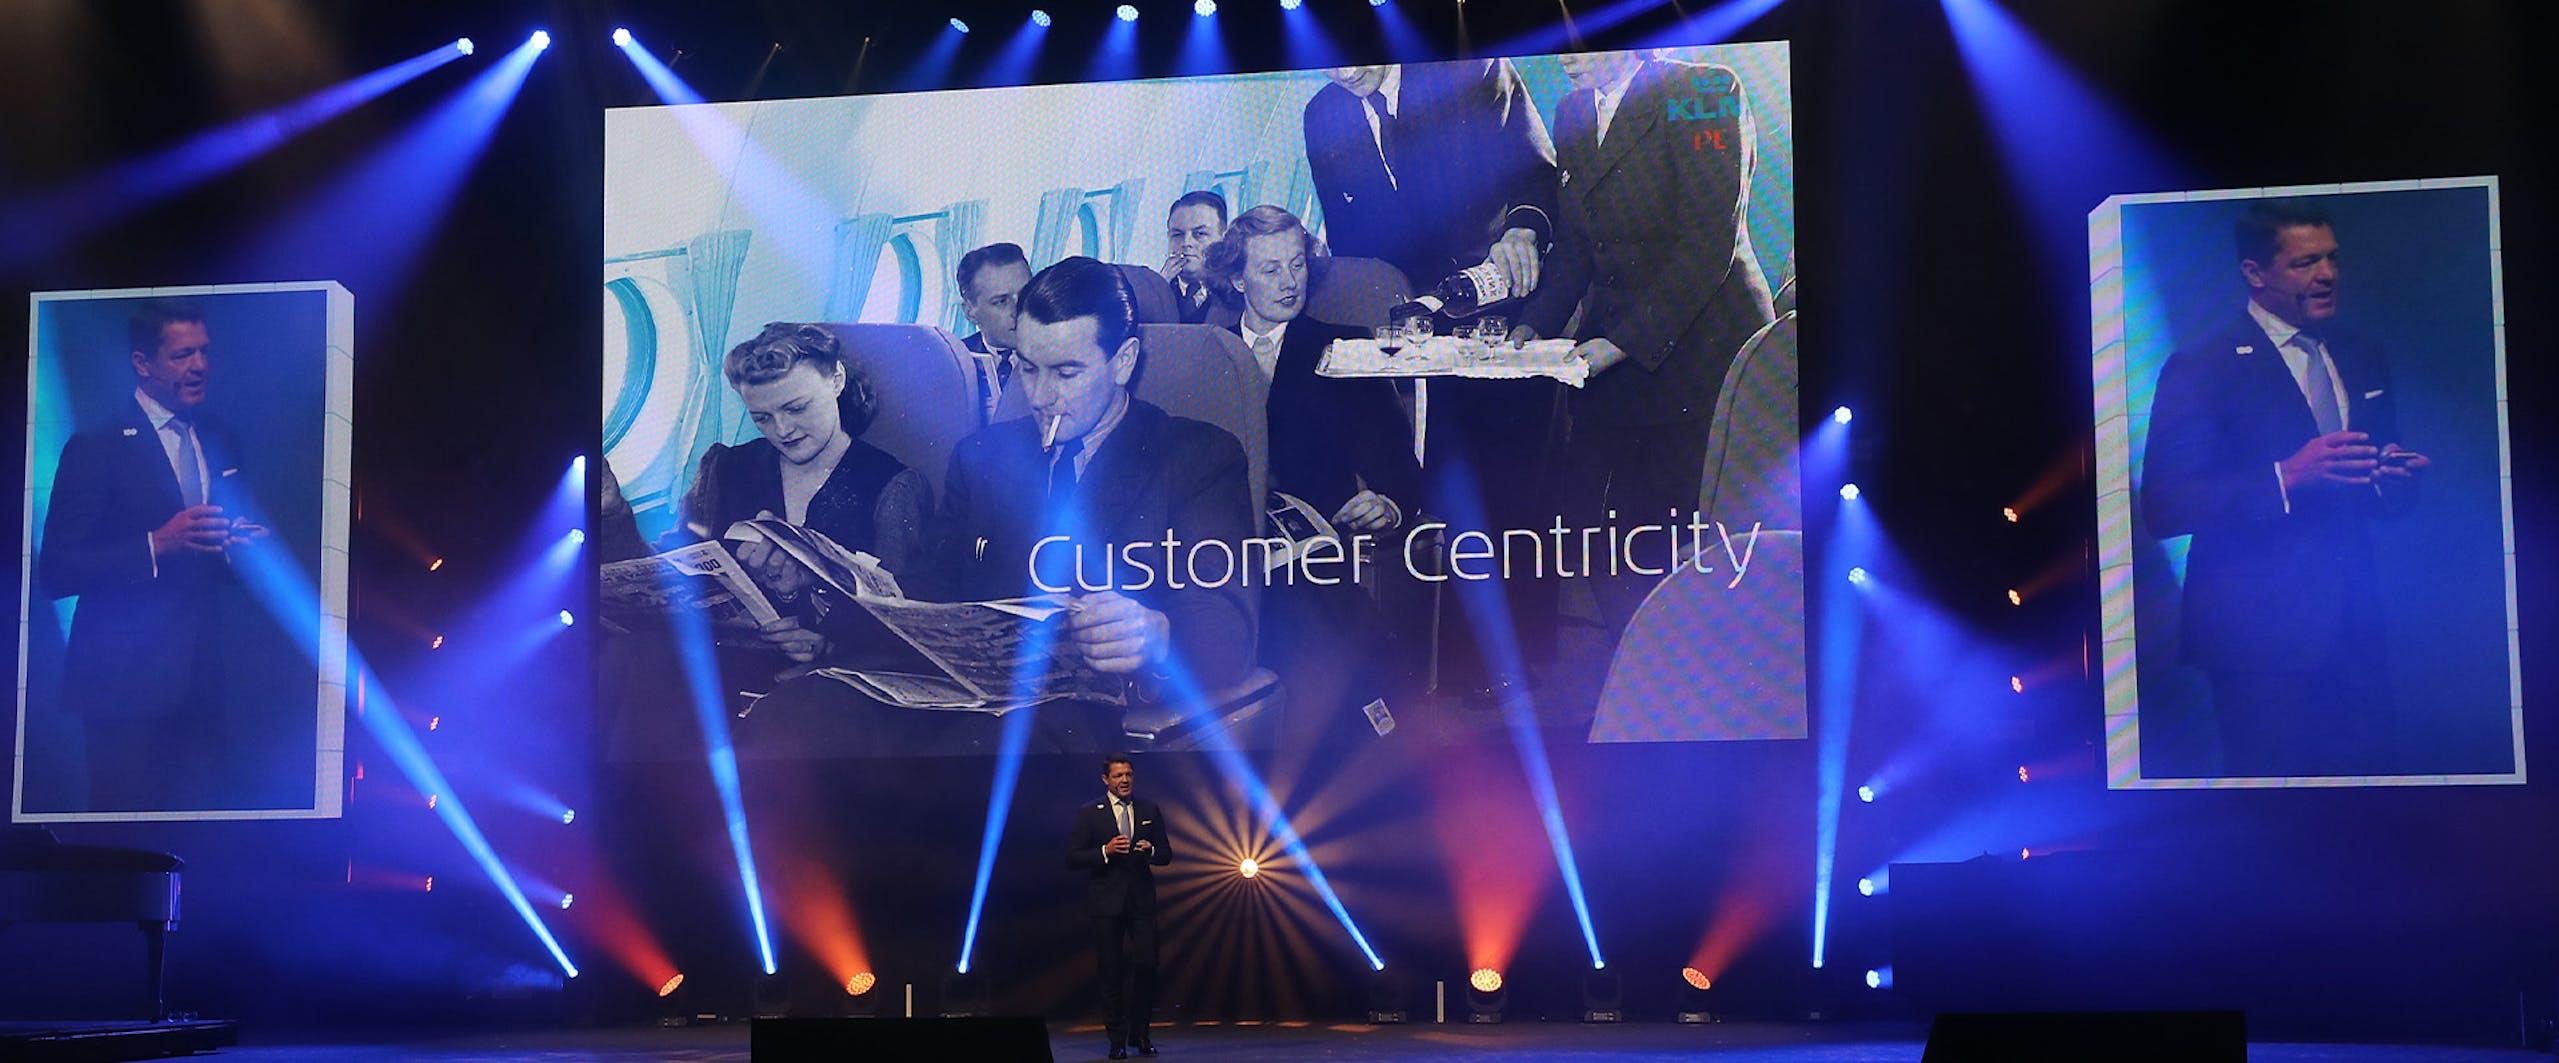 Presentatie Pieter Elbers KLM 100 Jaar event